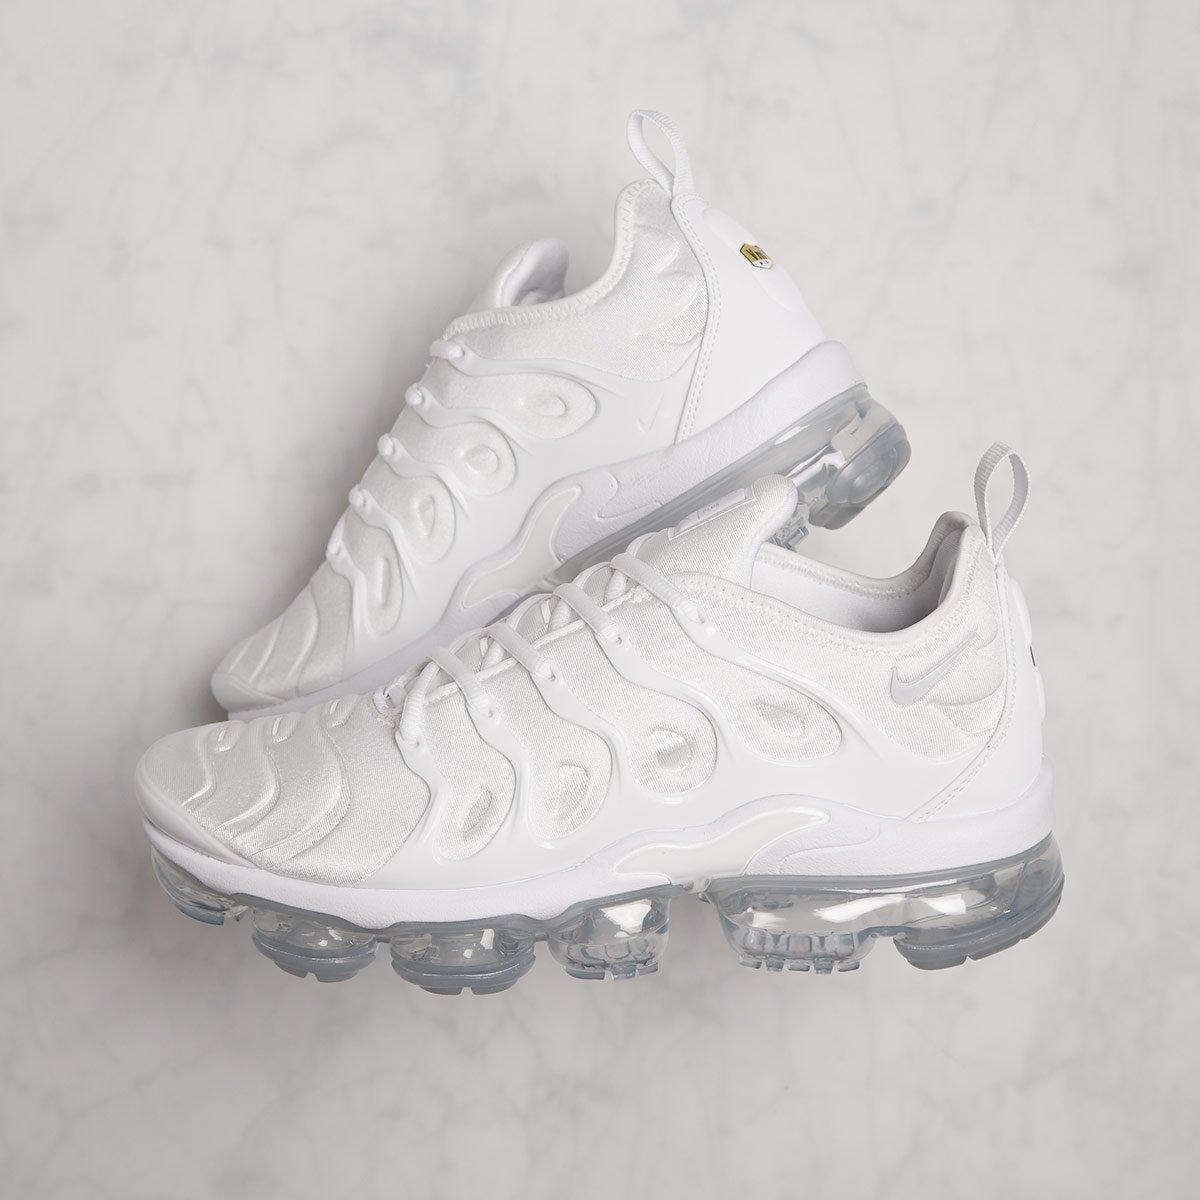 new arrival cdfe0 94a67 Sneaker Shouts™ on Twitter